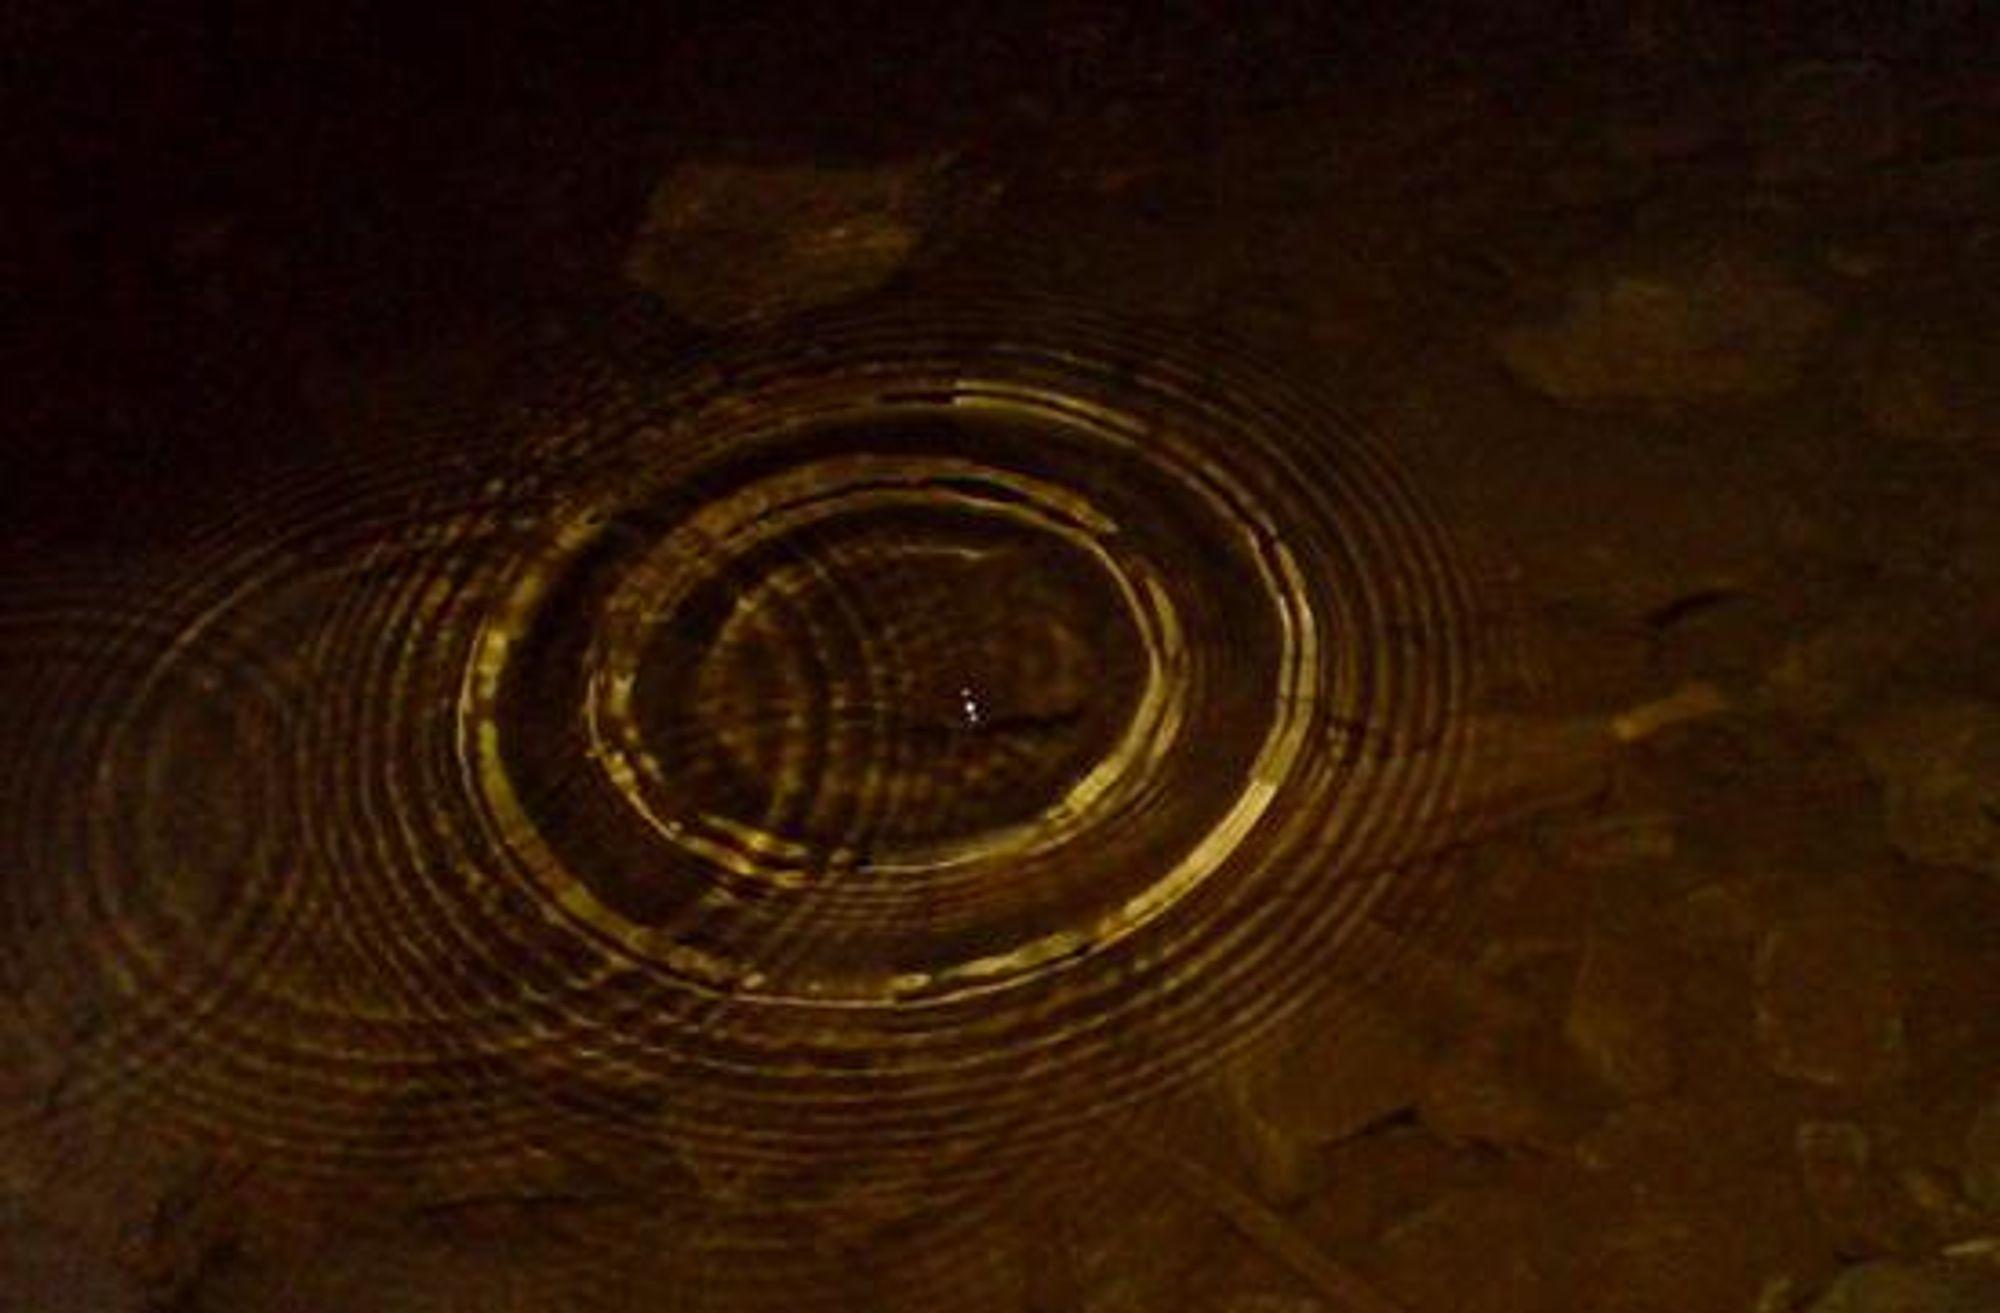 #6) Ringer i vannet